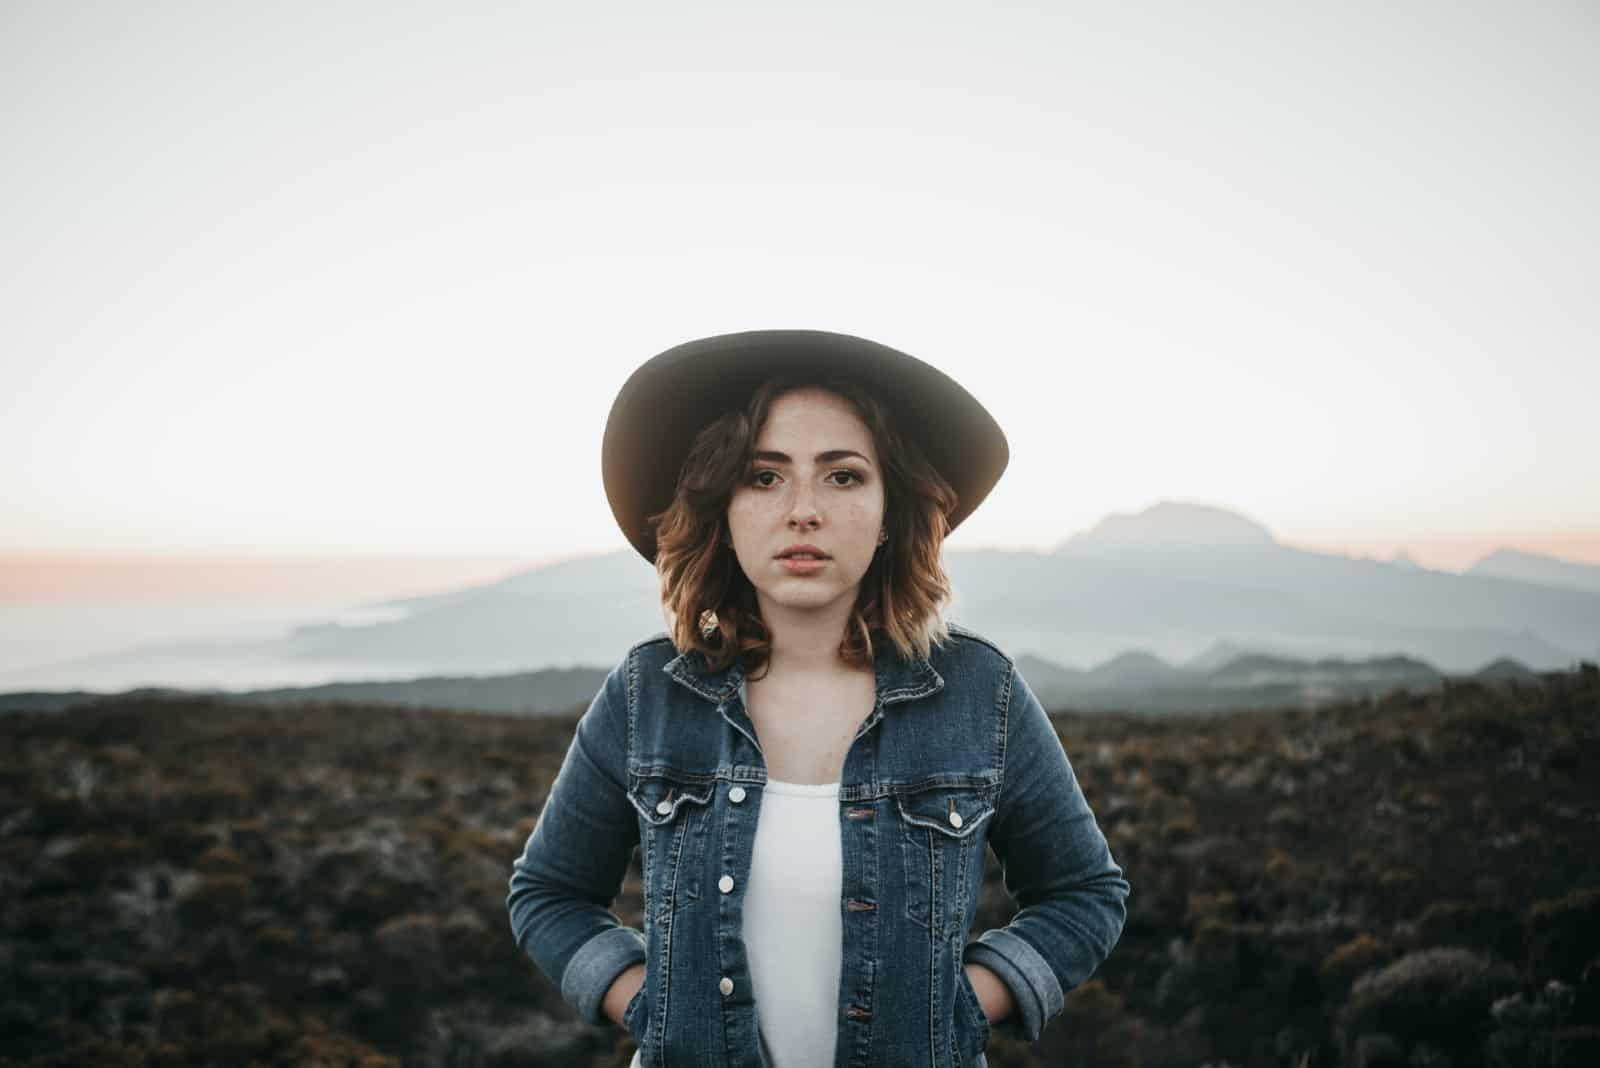 femme avec une veste en jean debout dans un champ